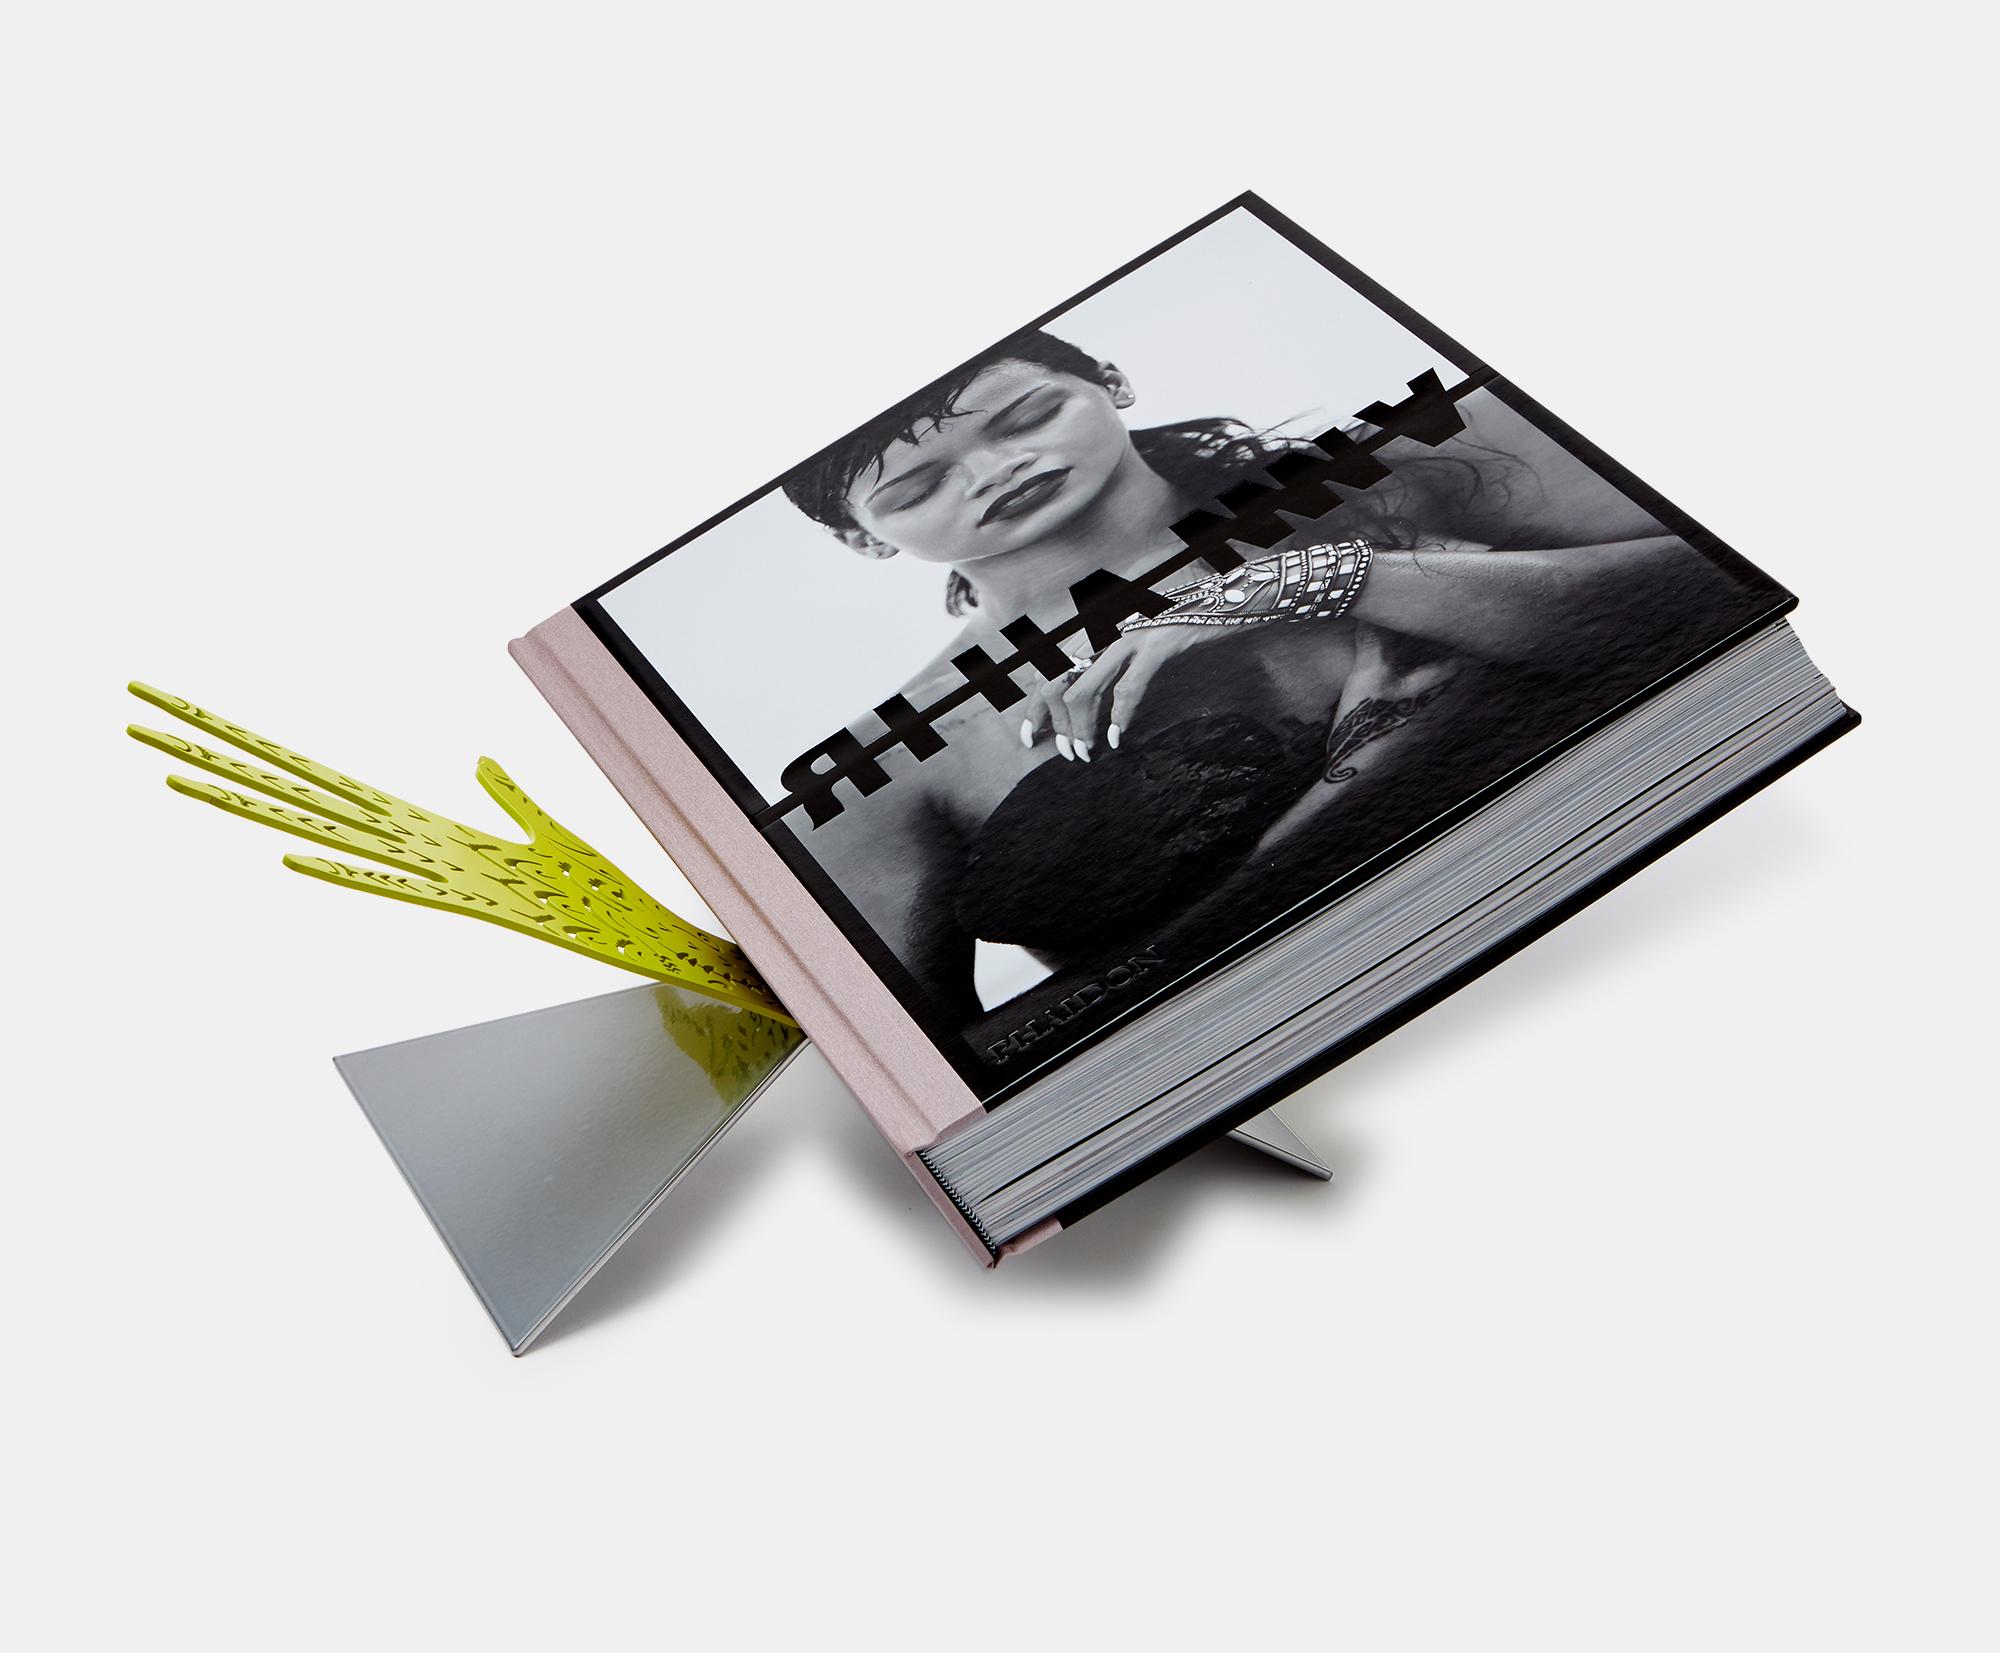 """L'edizione del libro di Rihanna per Phaidon """"This Sh*t is Heavy"""" include il leggio da tavolo disegnato da The Haas Brothers, ispirato alle mani della cantante"""